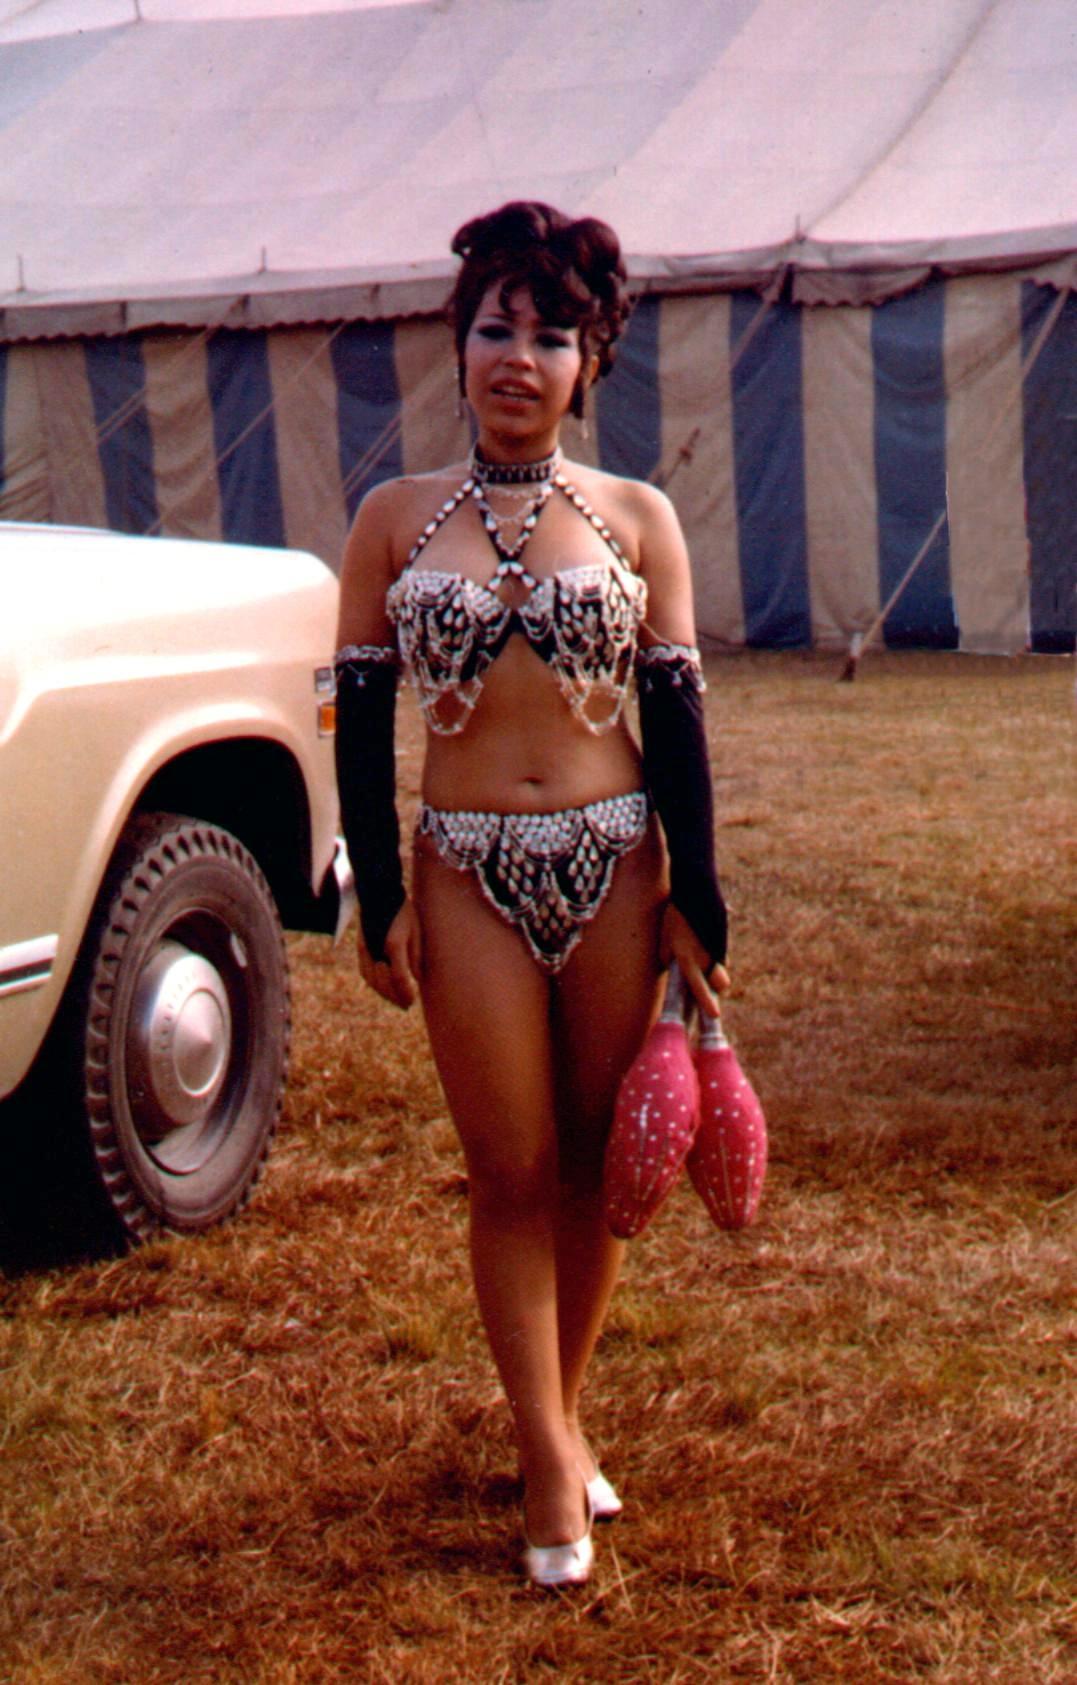 circus artist marina diaz